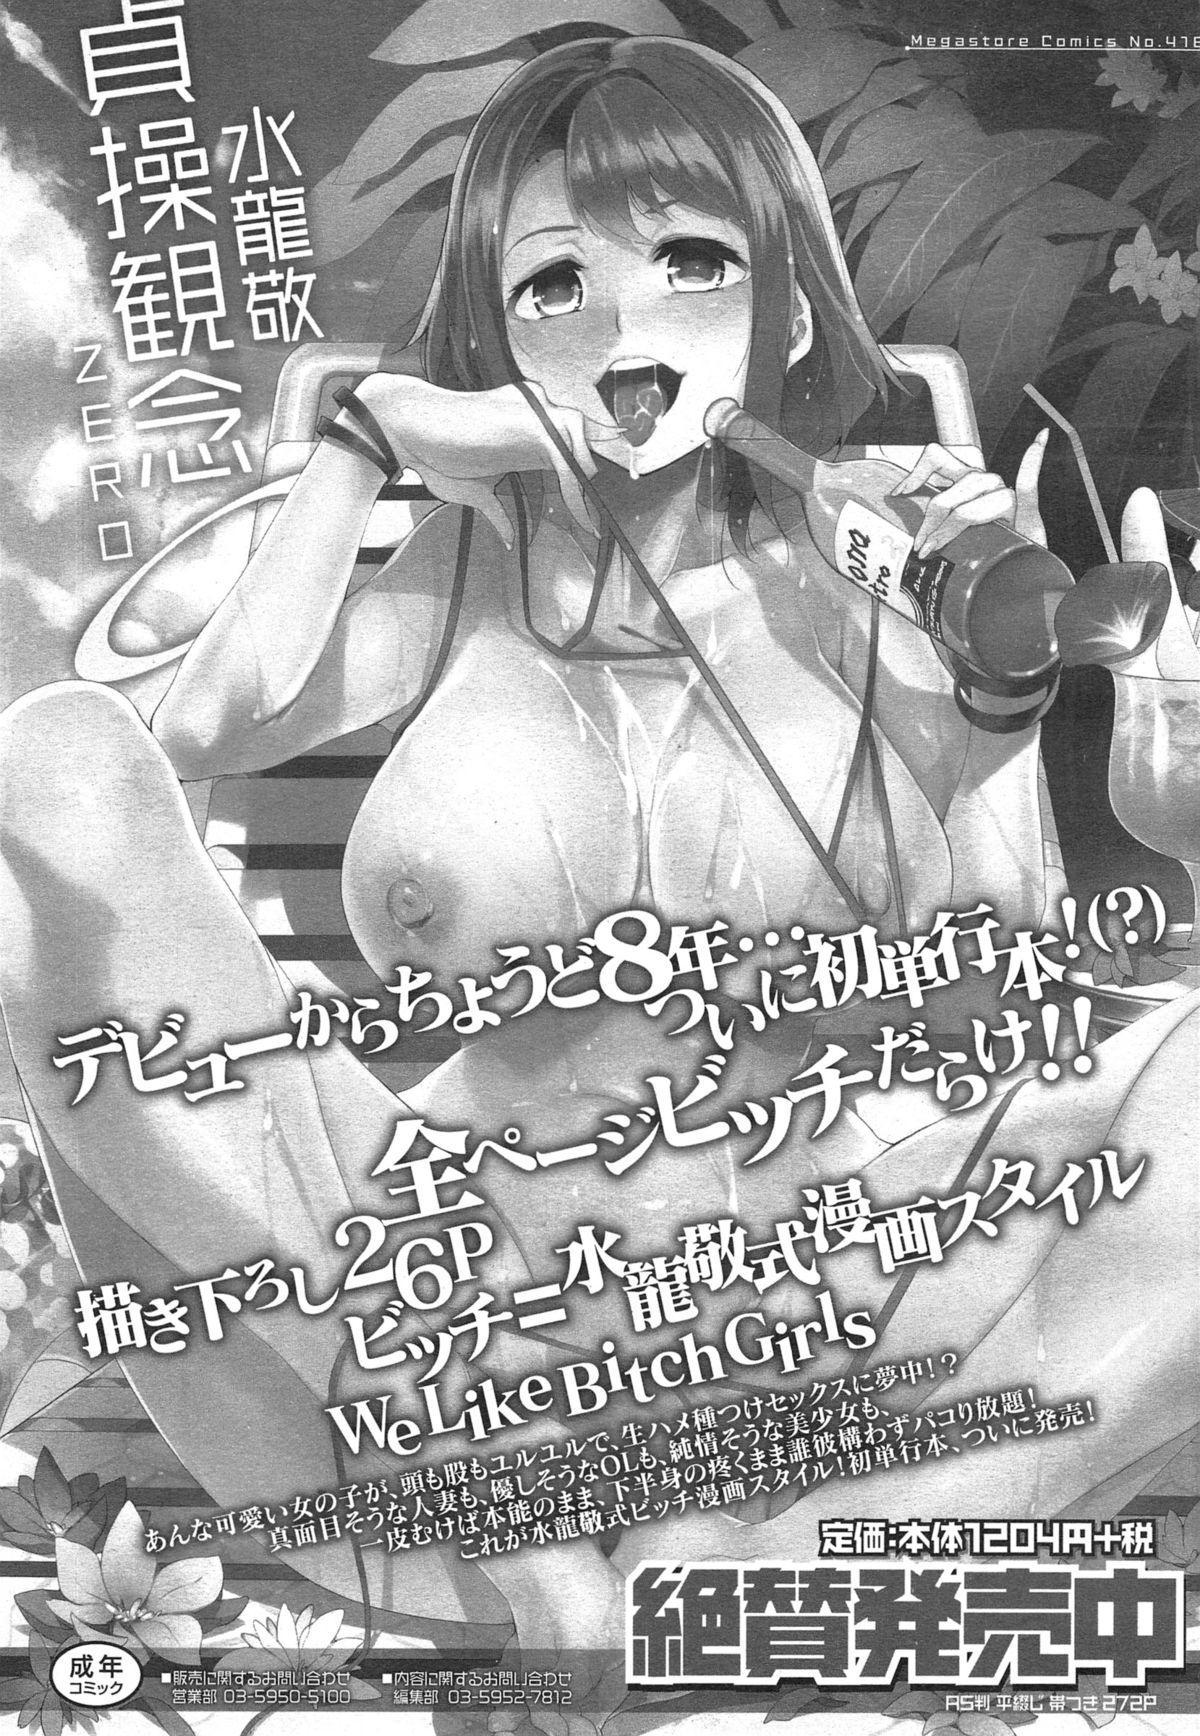 COMIC Megastore Alpha 2015-01 452